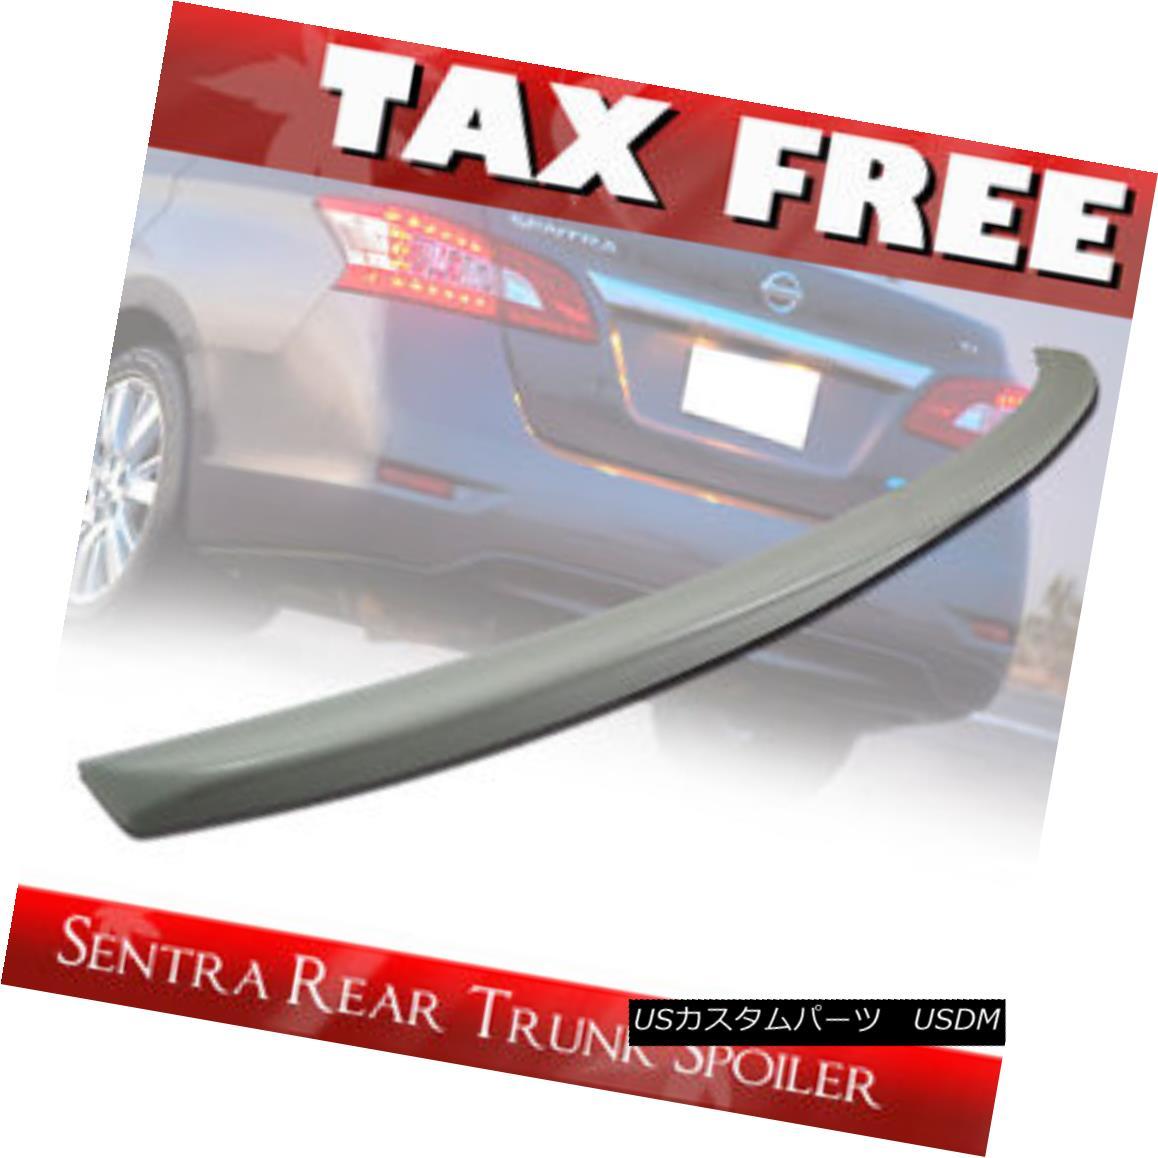 エアロパーツ Unpainted FOR Sentra B17 7th 4DR Sedan Rear ABS Trunk Spoiler 13-17 未塗装のSentra B17 7th 4DRセダンリアABSトランク・スポイラー13-17